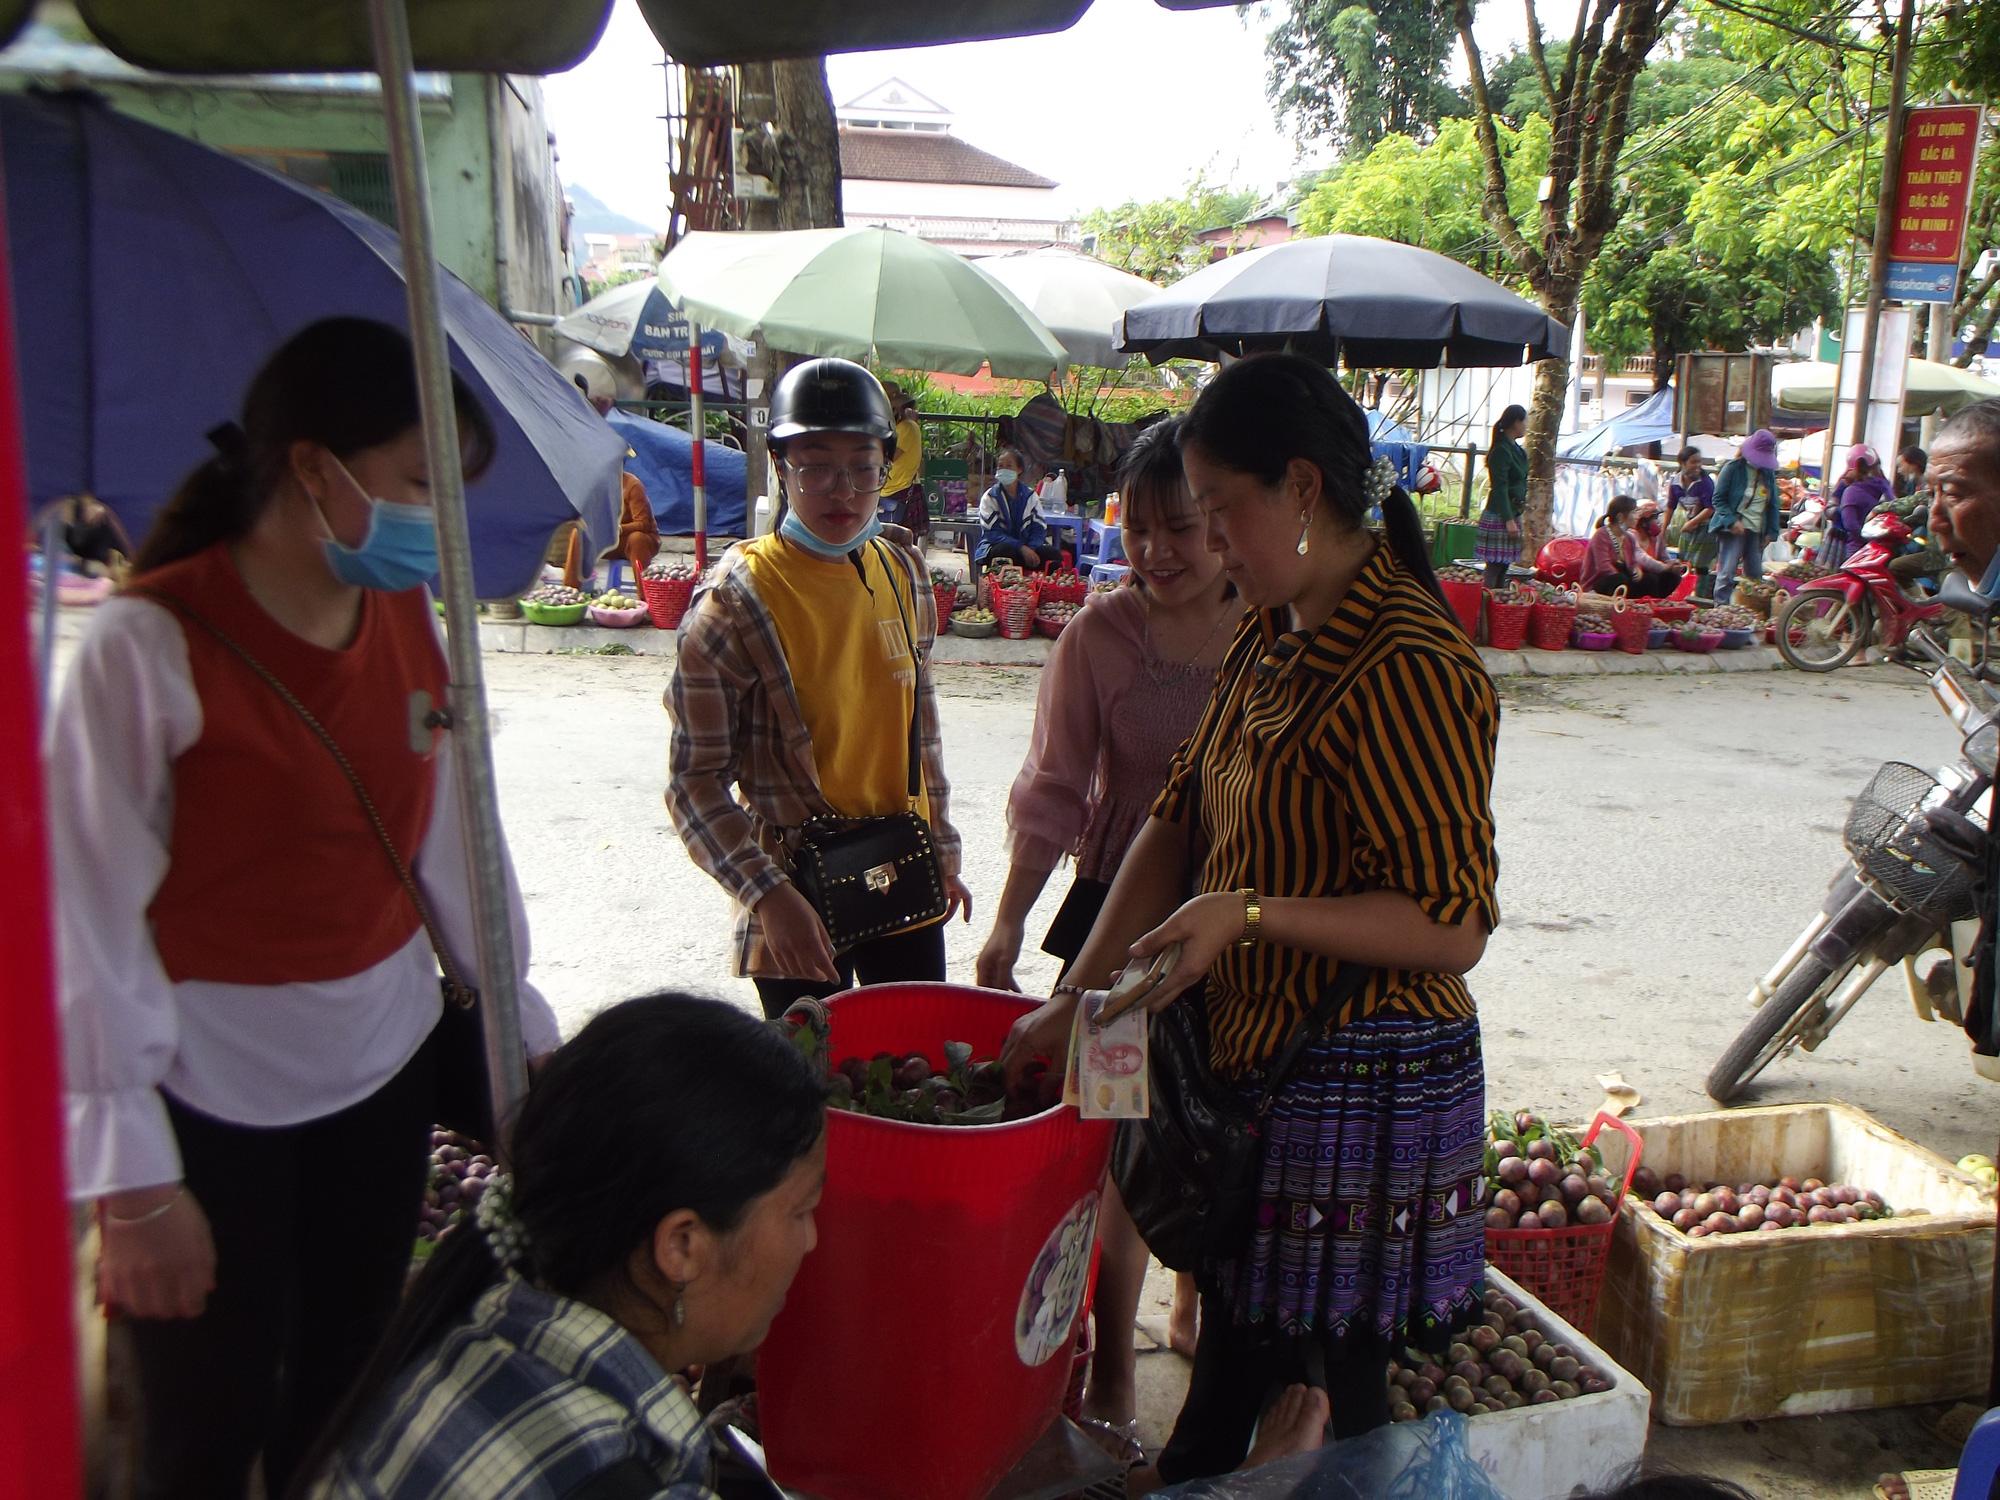 Lào Cai: Vào mùa mận máu ruột đỏ rực, quả bé tí ai cũng thích mua, đặt hàng đều đều qua Zalo, Facebook - Ảnh 3.